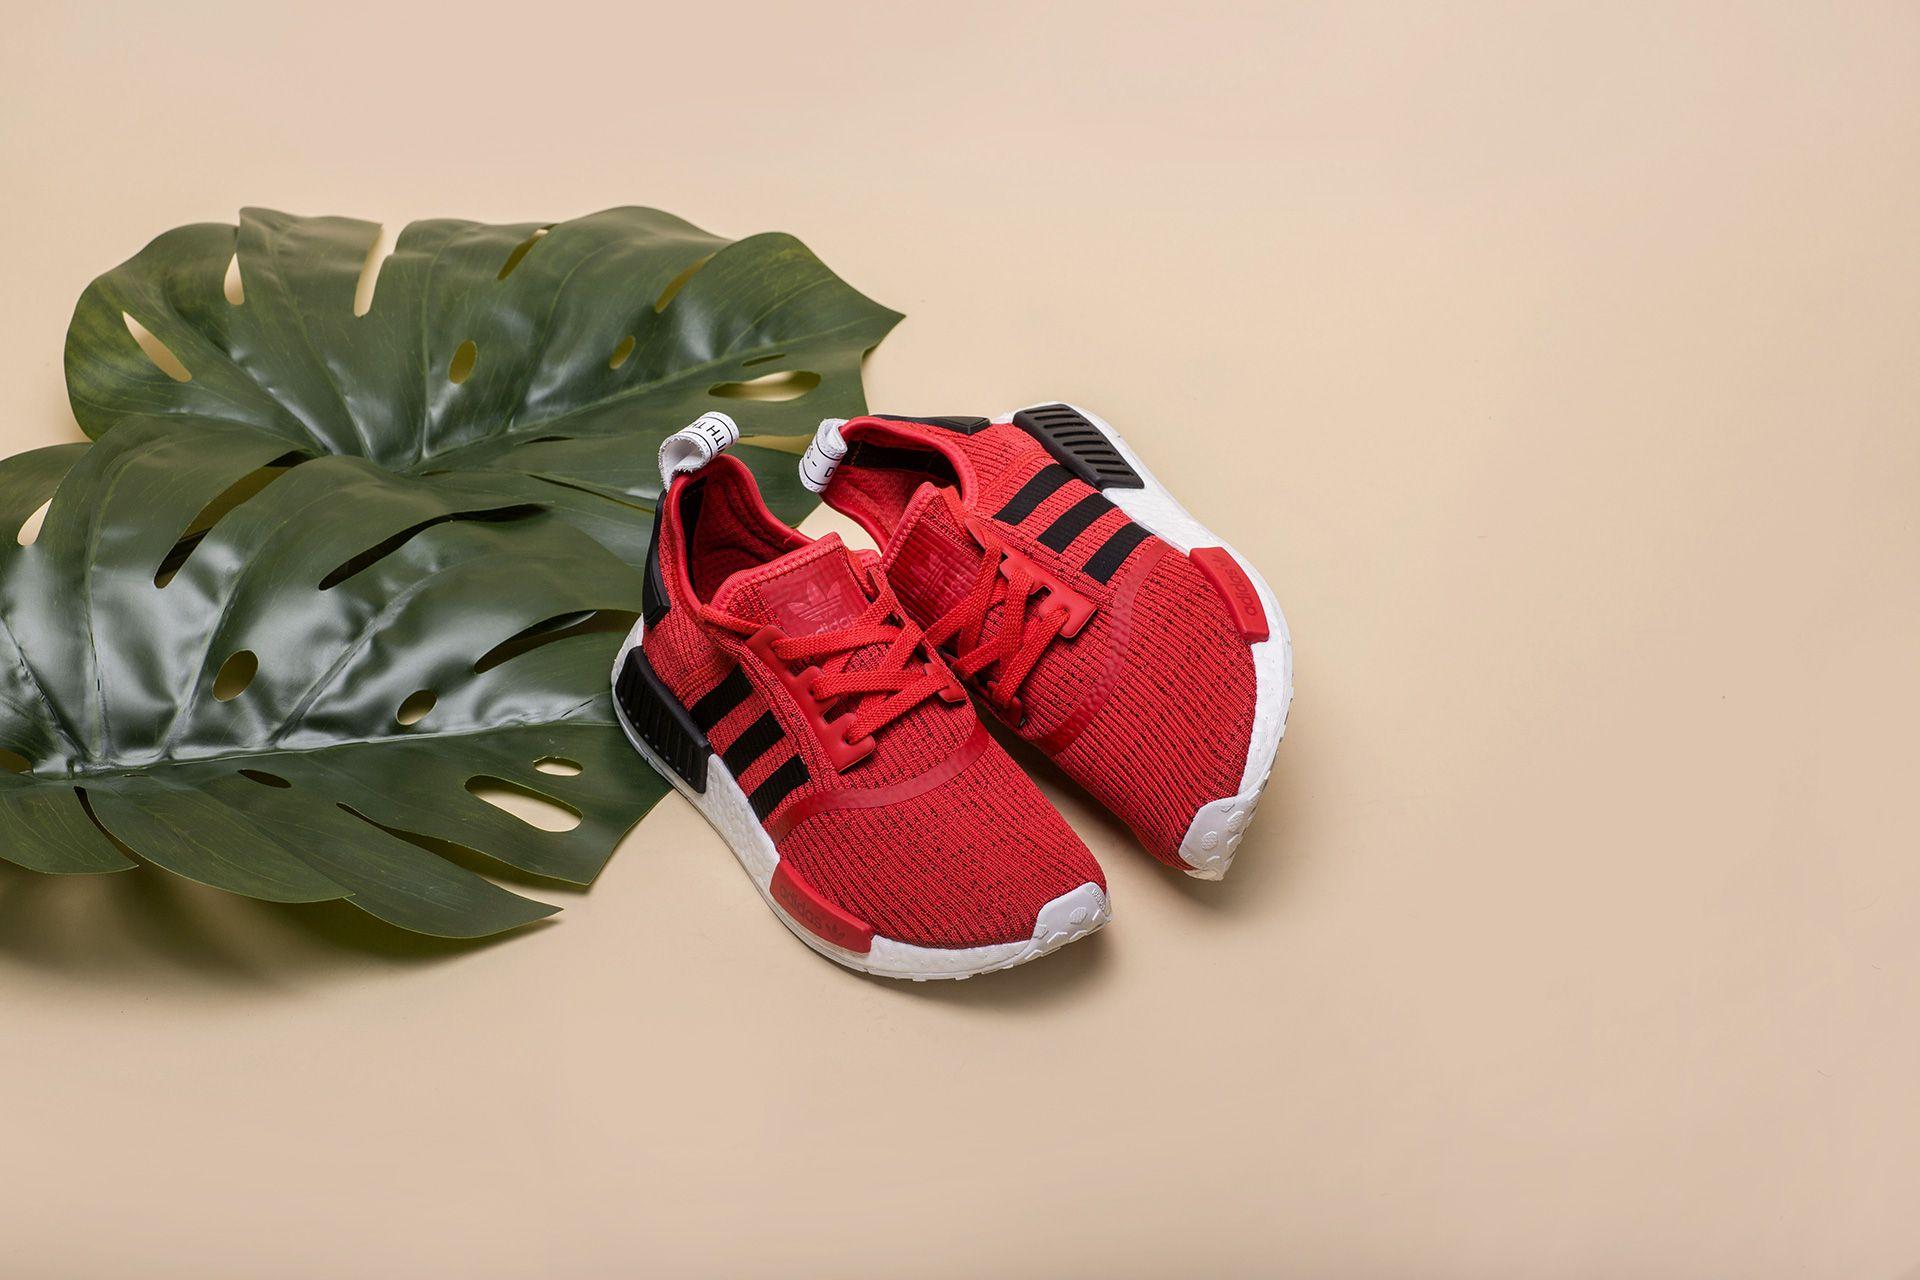 reputable site ad64d ef06d Купить красныые мужские кроссовки NMD R1 от adidas Originals ...